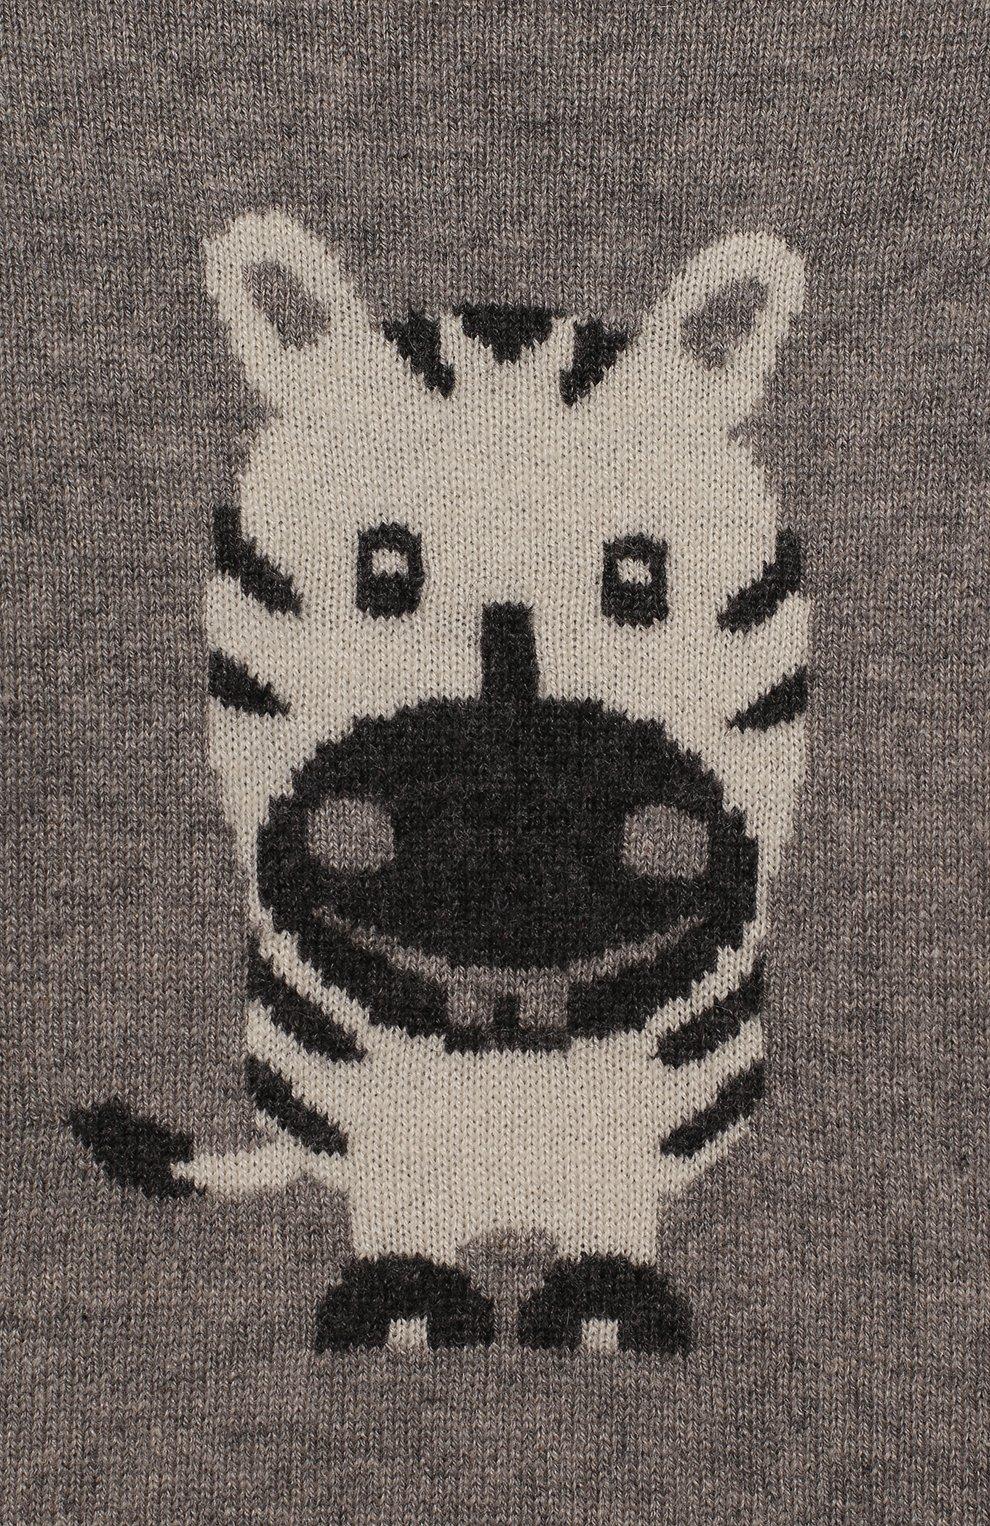 Детский кашемировый пуловер OSCAR ET VALENTINE серого цвета, арт. PUL01ZEBRAS | Фото 3 (Материал внешний: Шерсть; Рукава: Длинные; Ростовка одежда: 12 мес | 80 см, 18 мес | 86 см, 2 года | 92 см)